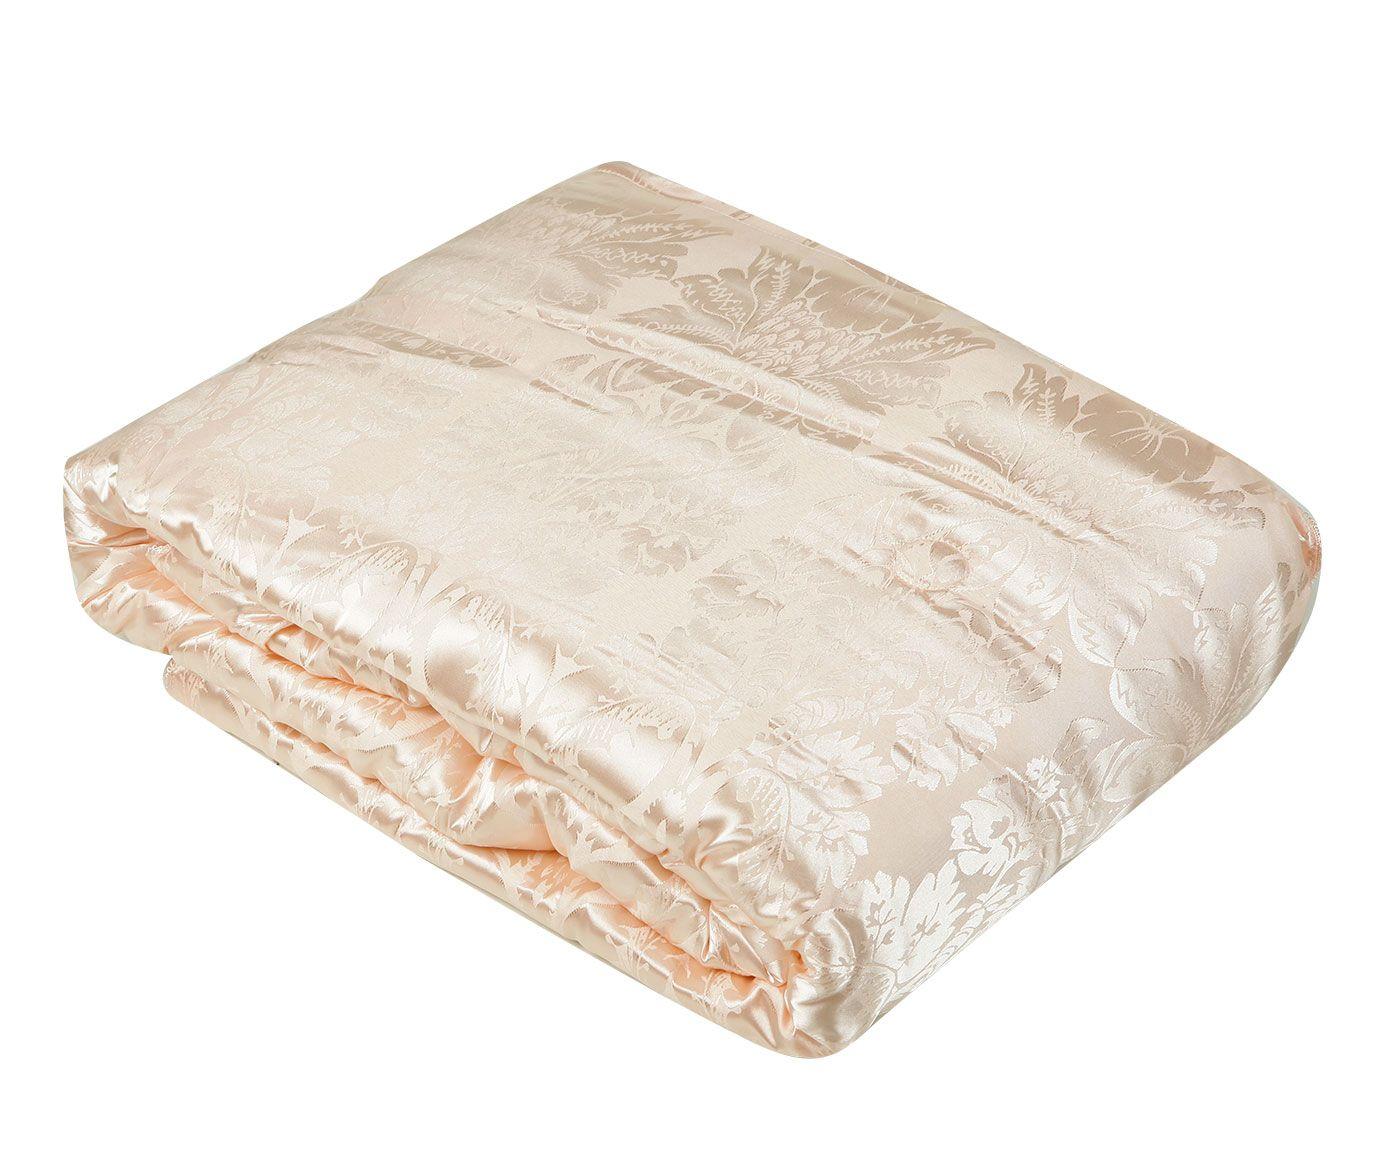 цена Одеяло Pastel шелковое, 437306, розовый онлайн в 2017 году